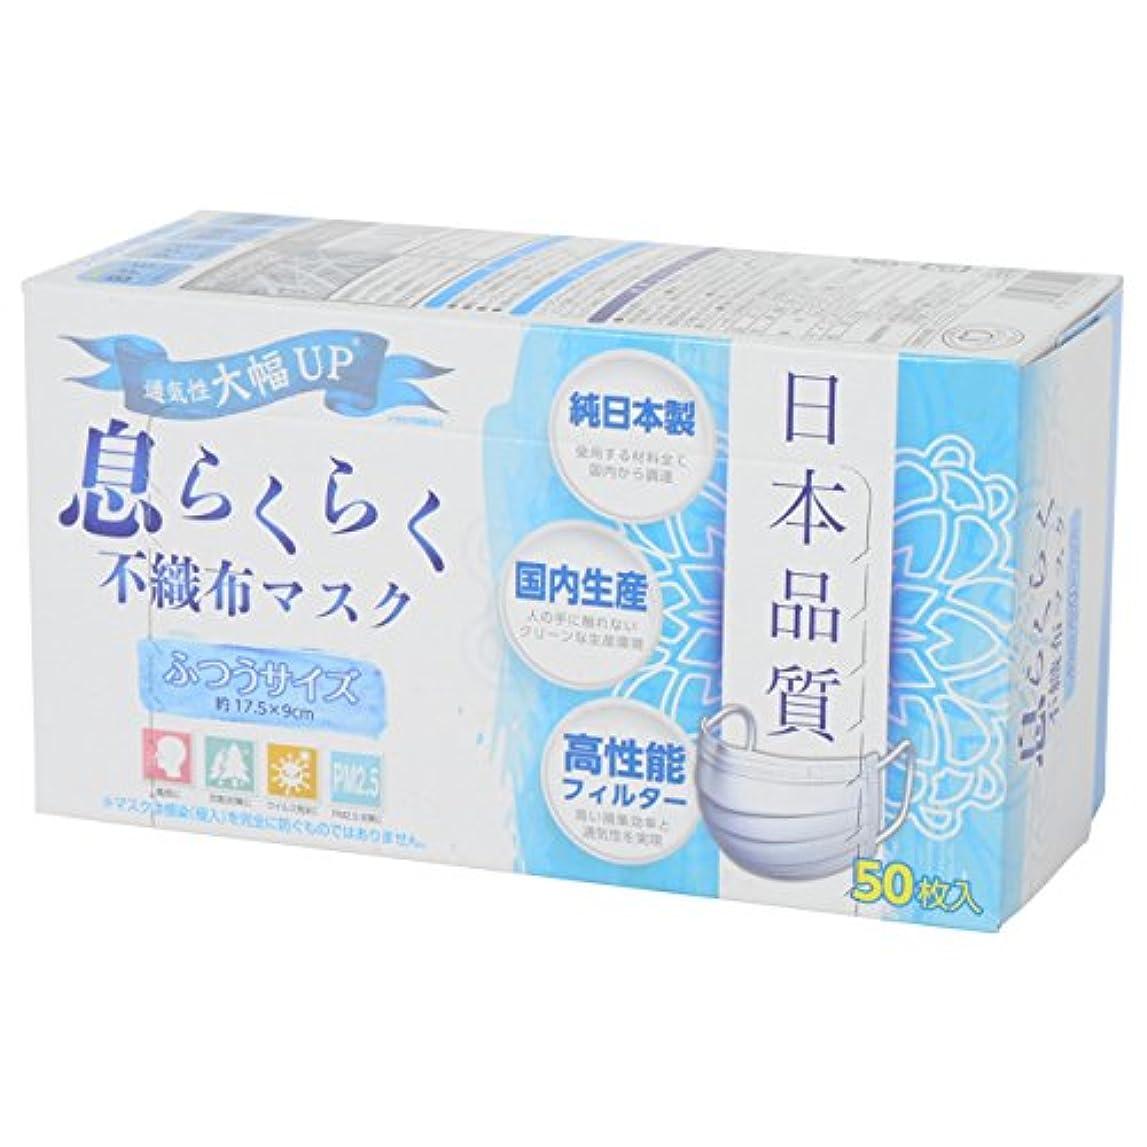 ピボットブラケットとげのあるアズフィット 日本品質 息らくらく 不織布マスク ふつうサイズ 50枚入